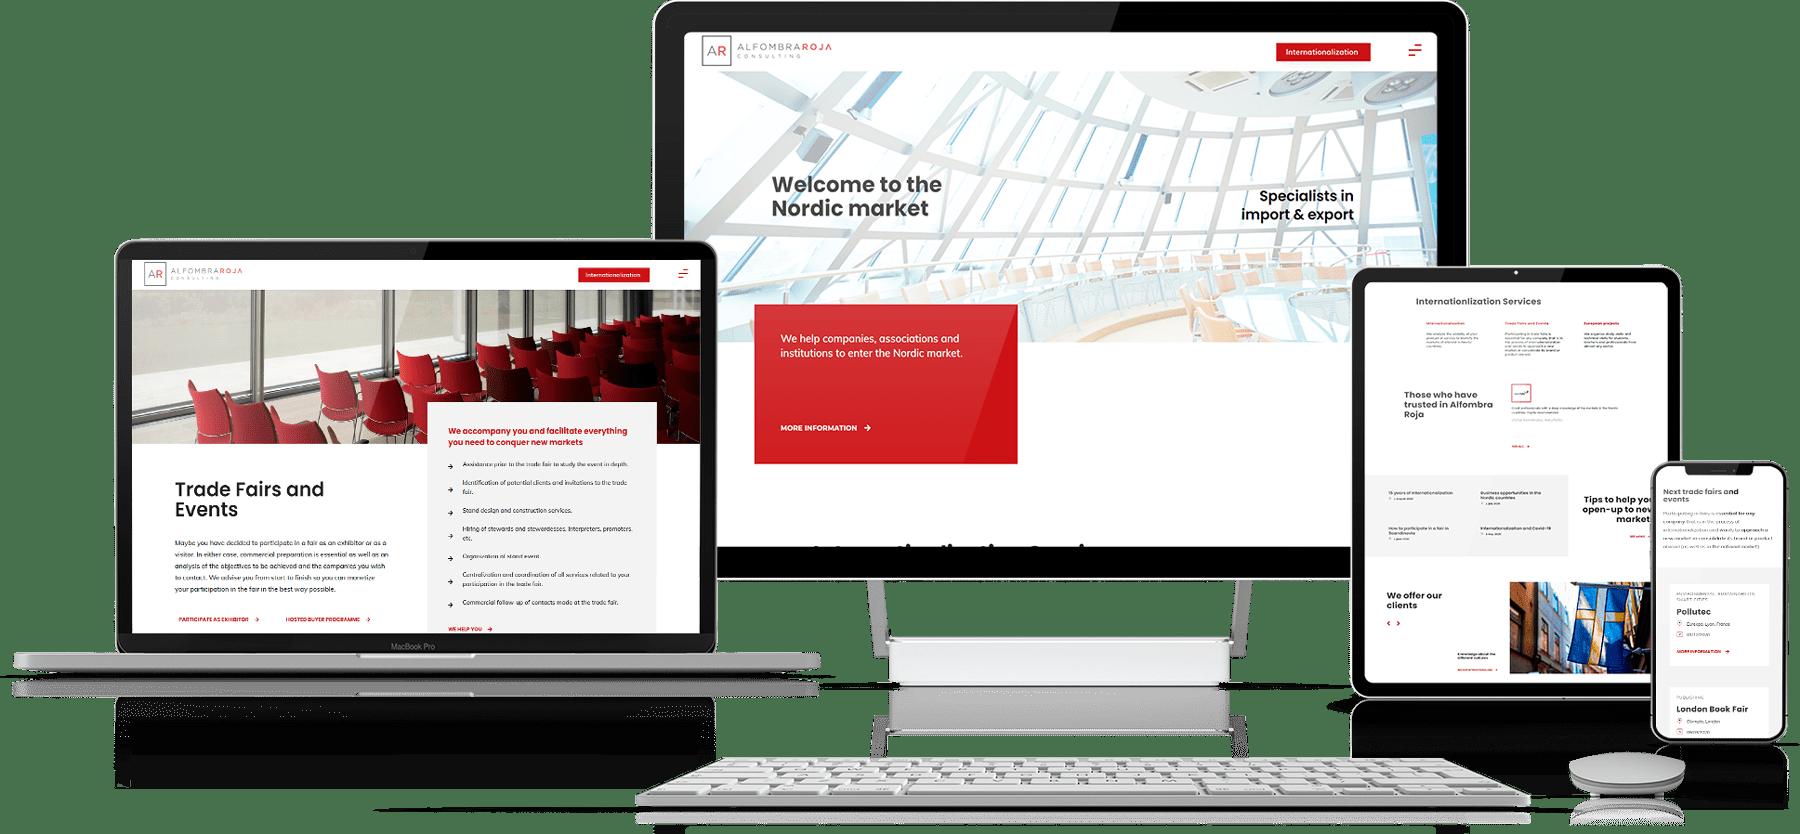 diseño web para empresa de consultoría • Alfombra Roja